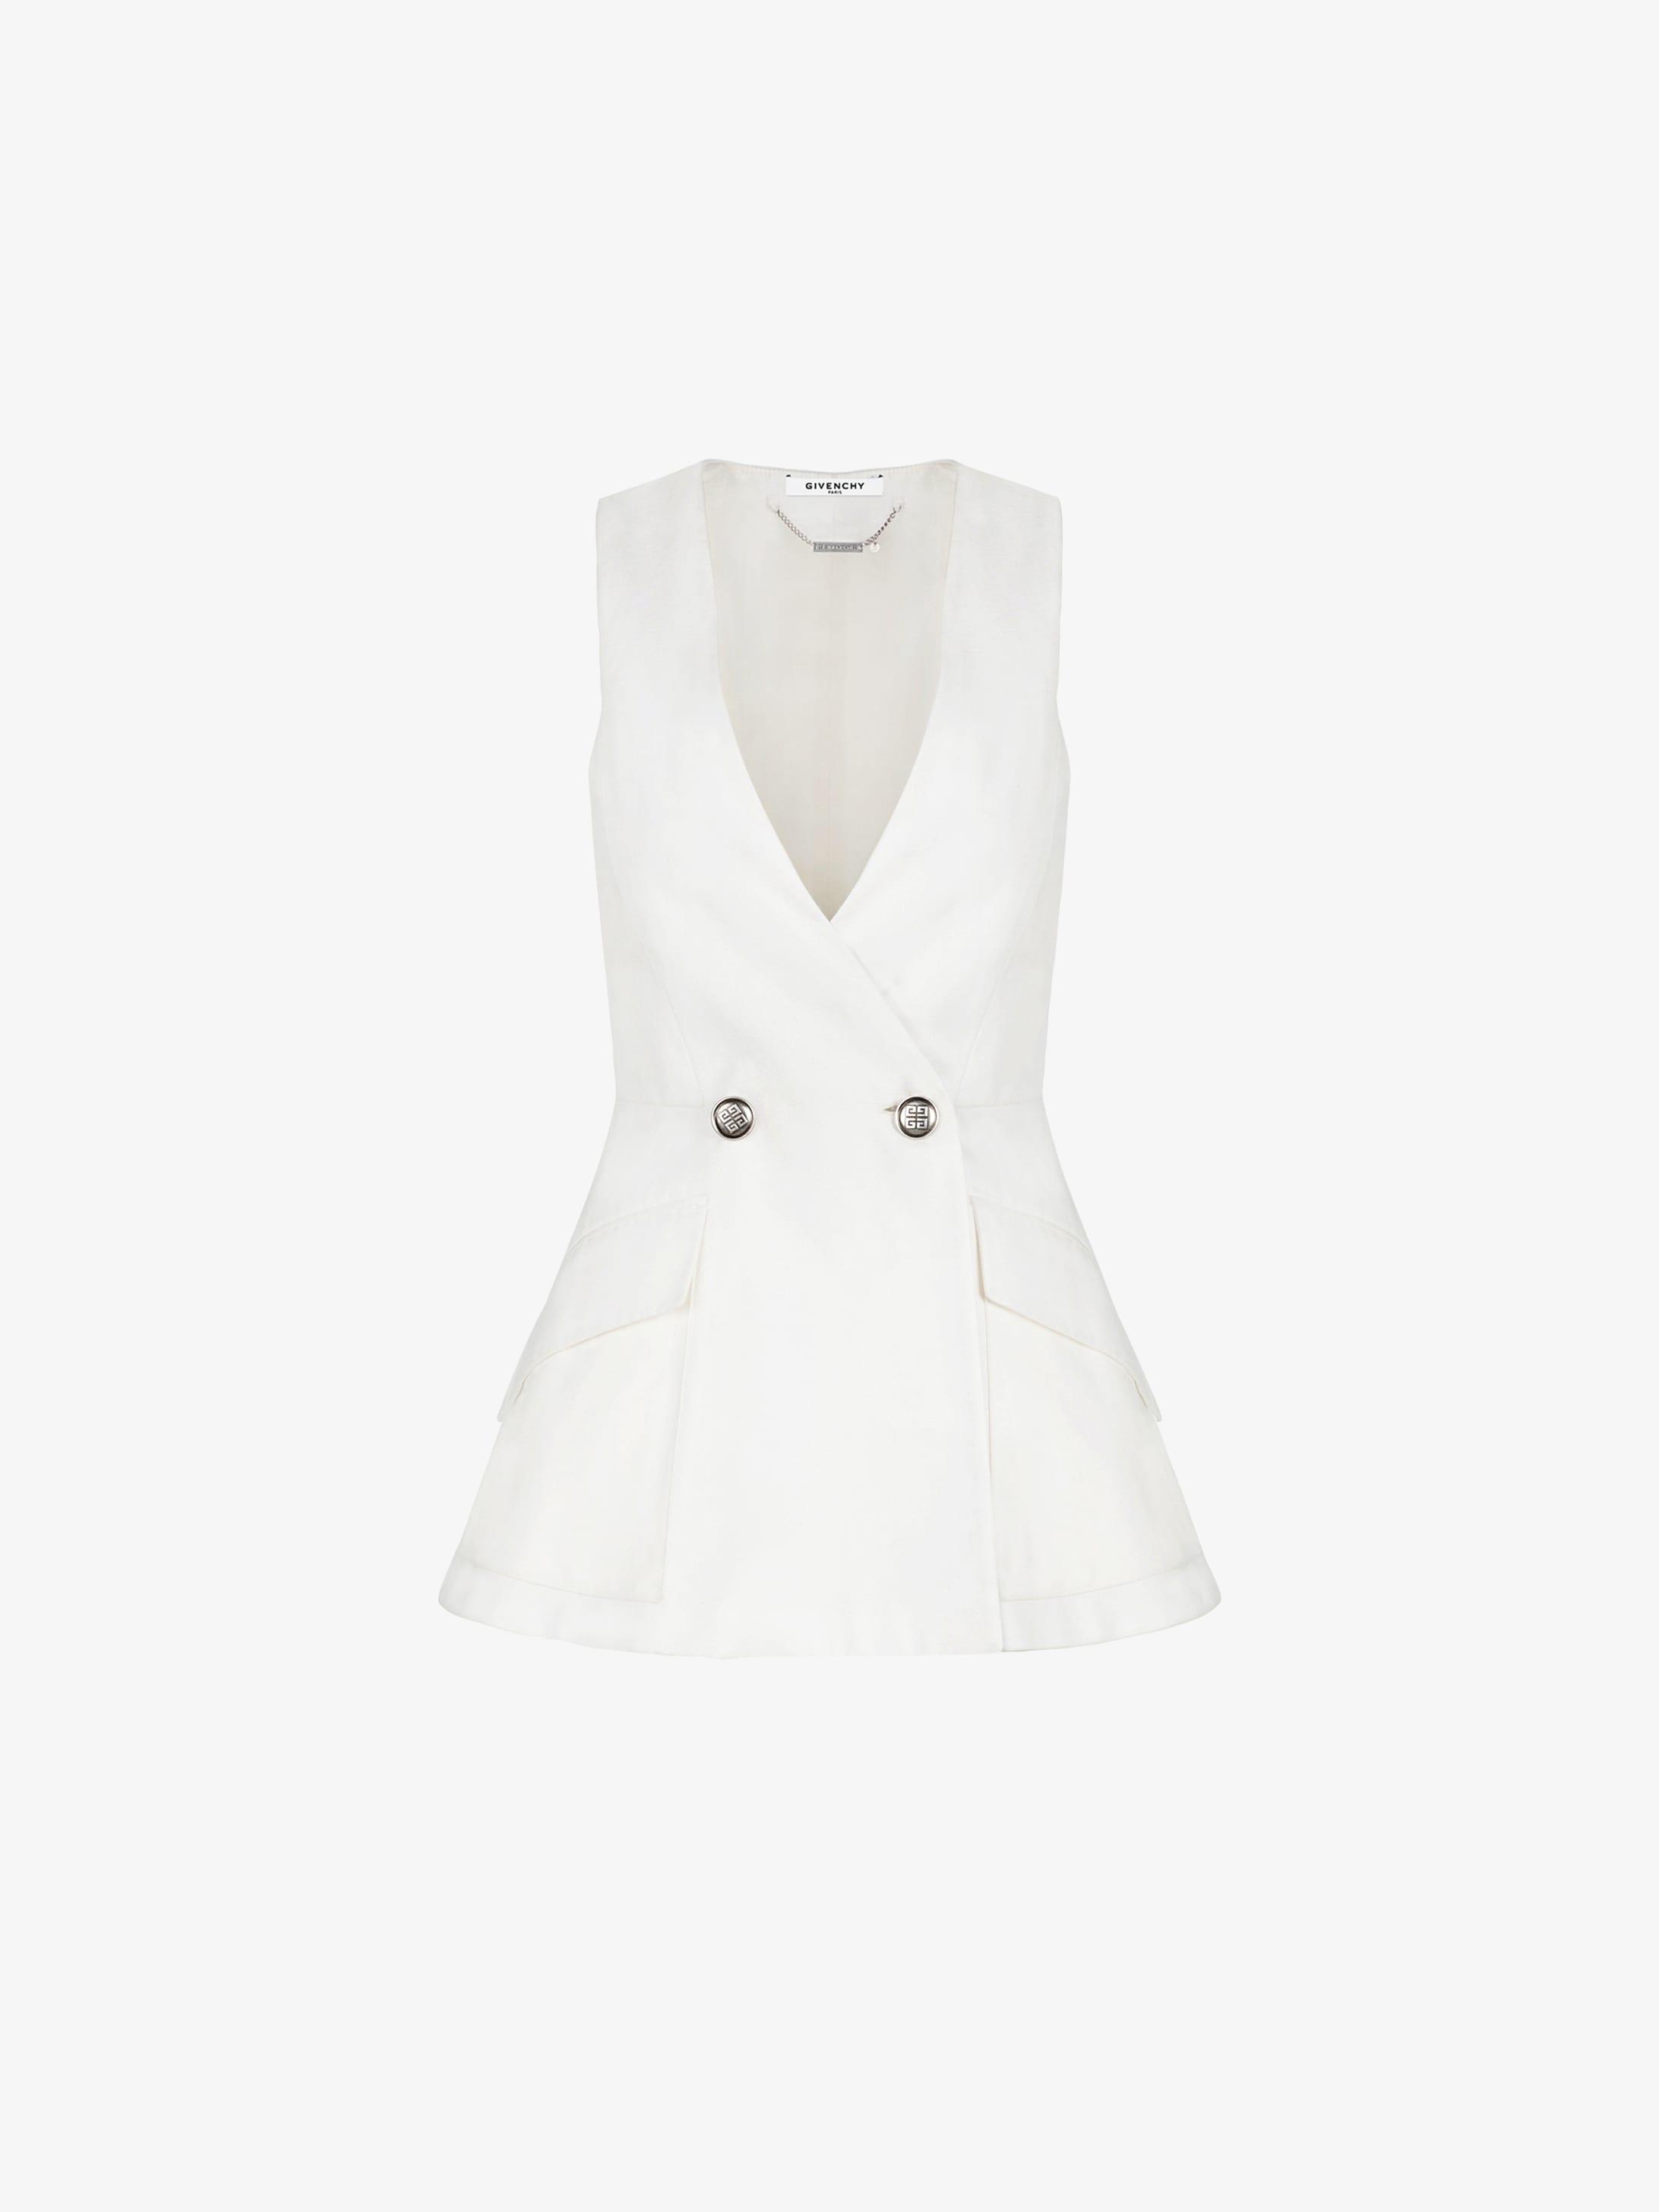 Sleeveless jacket in cotton